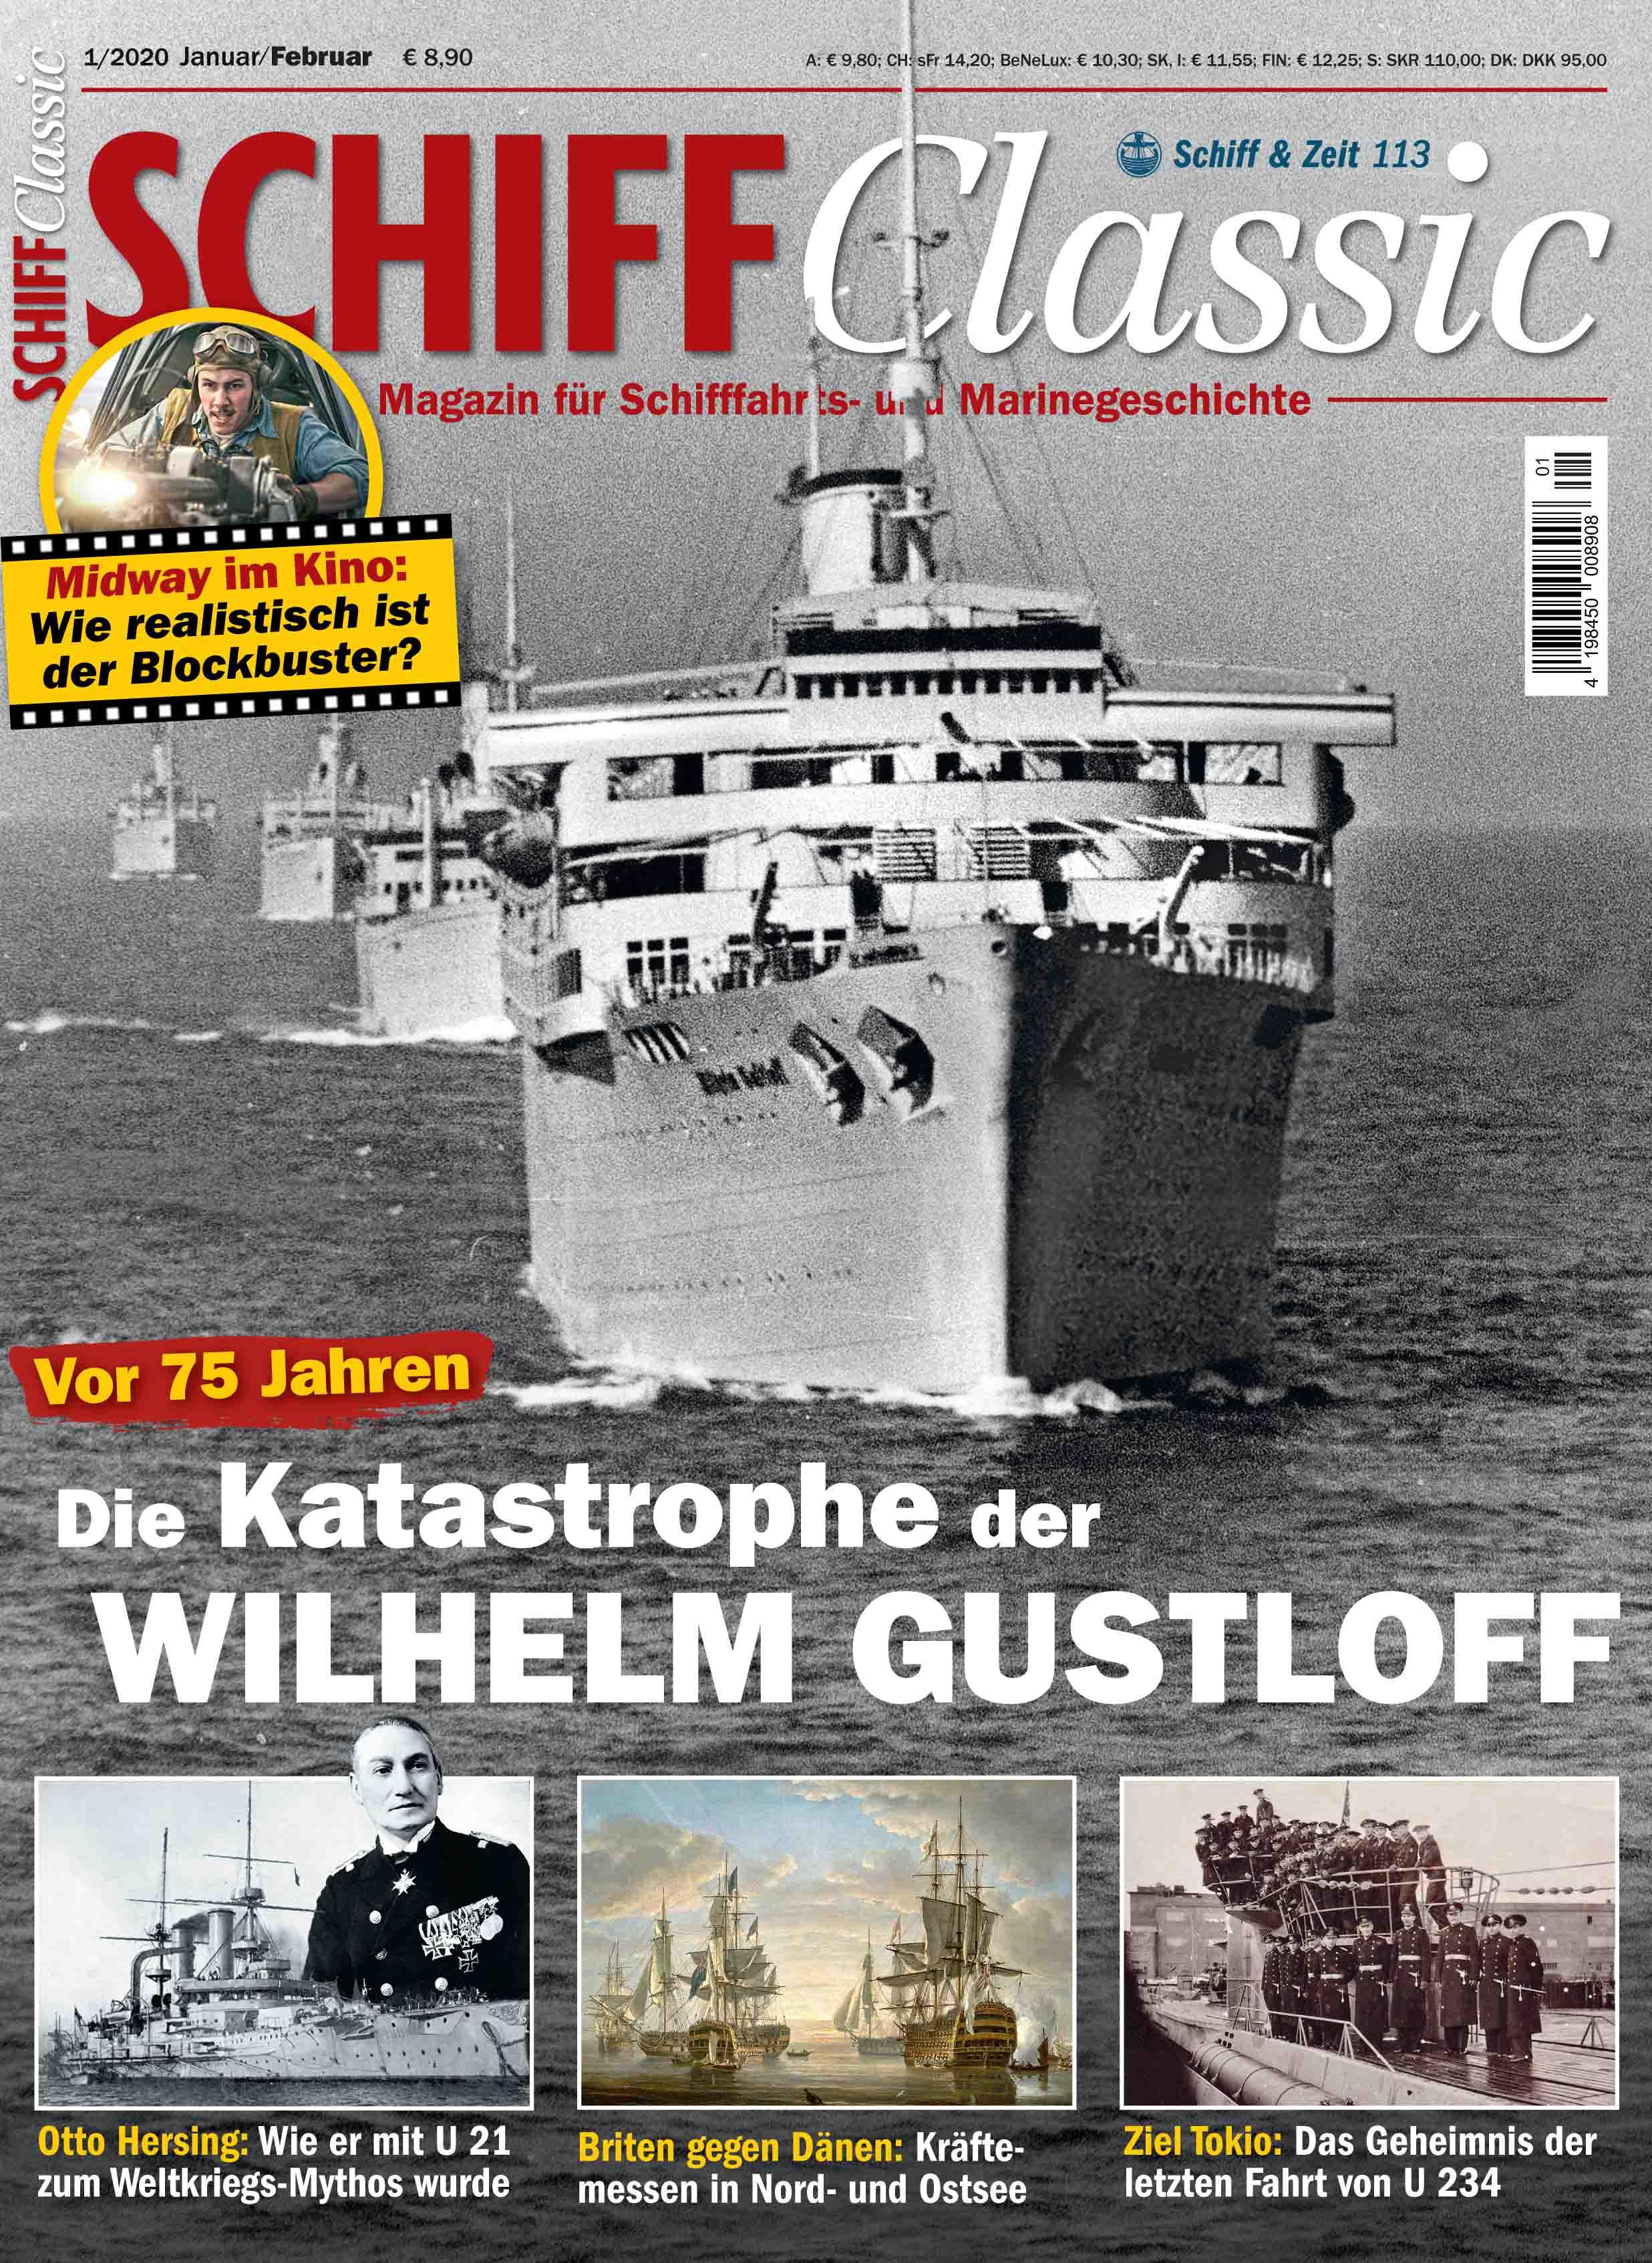 Vor 75 Jahren: Die Katastrophe der Wilhelm Gustloff